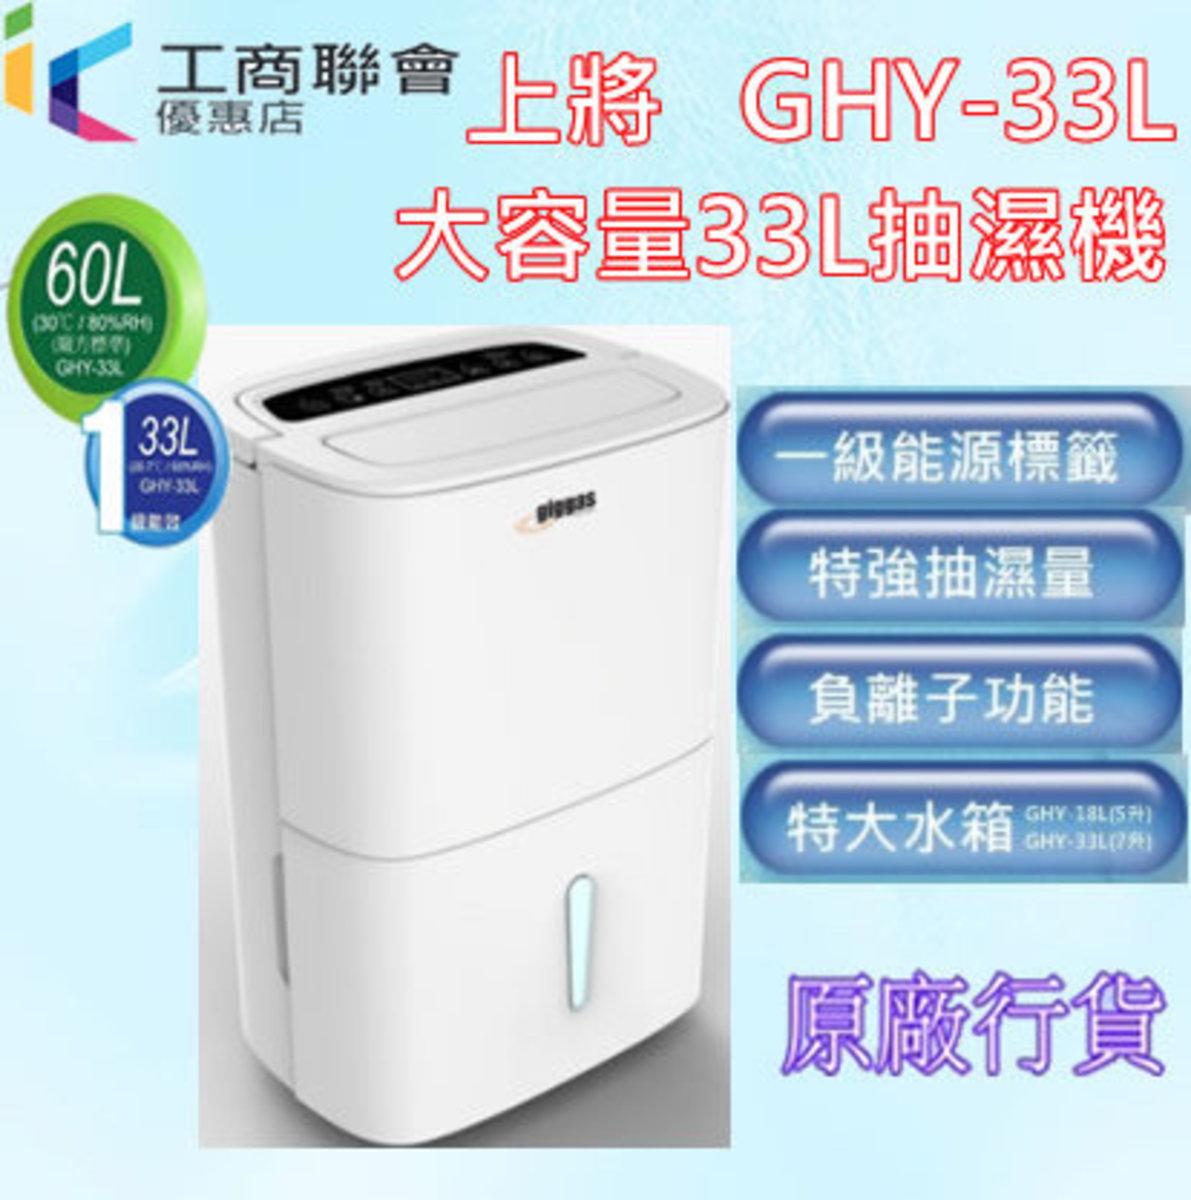 GHY33L 大容量33L抽濕機